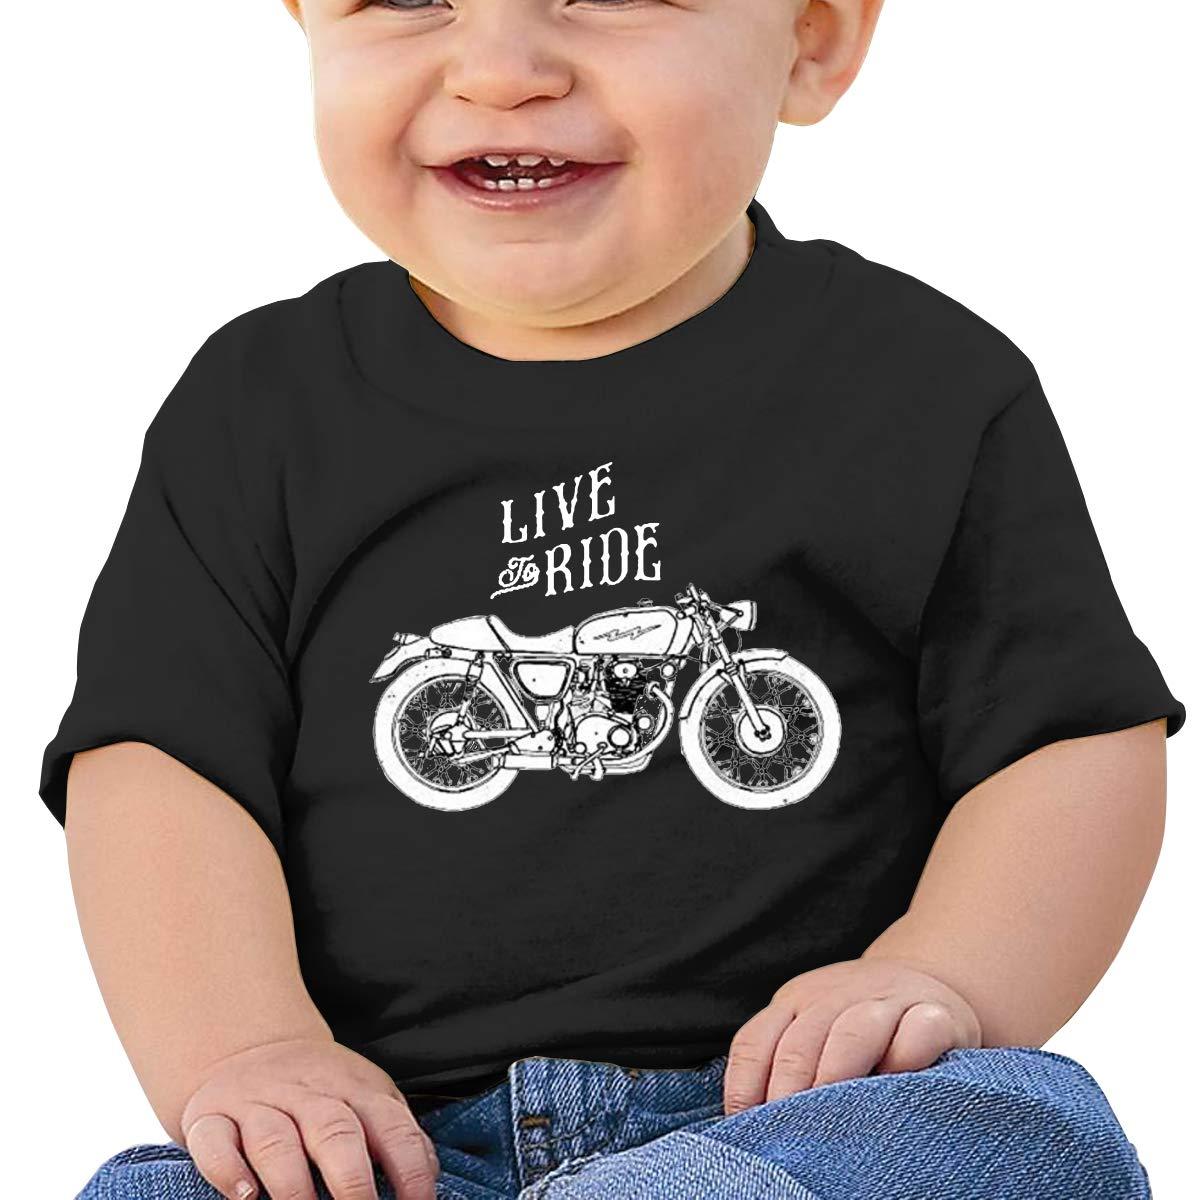 Custom Motorcycle Inspired Toddler Short-Sleeve Tee for Boy Girl Infant Kids T-Shirt On Newborn 6-18 Months